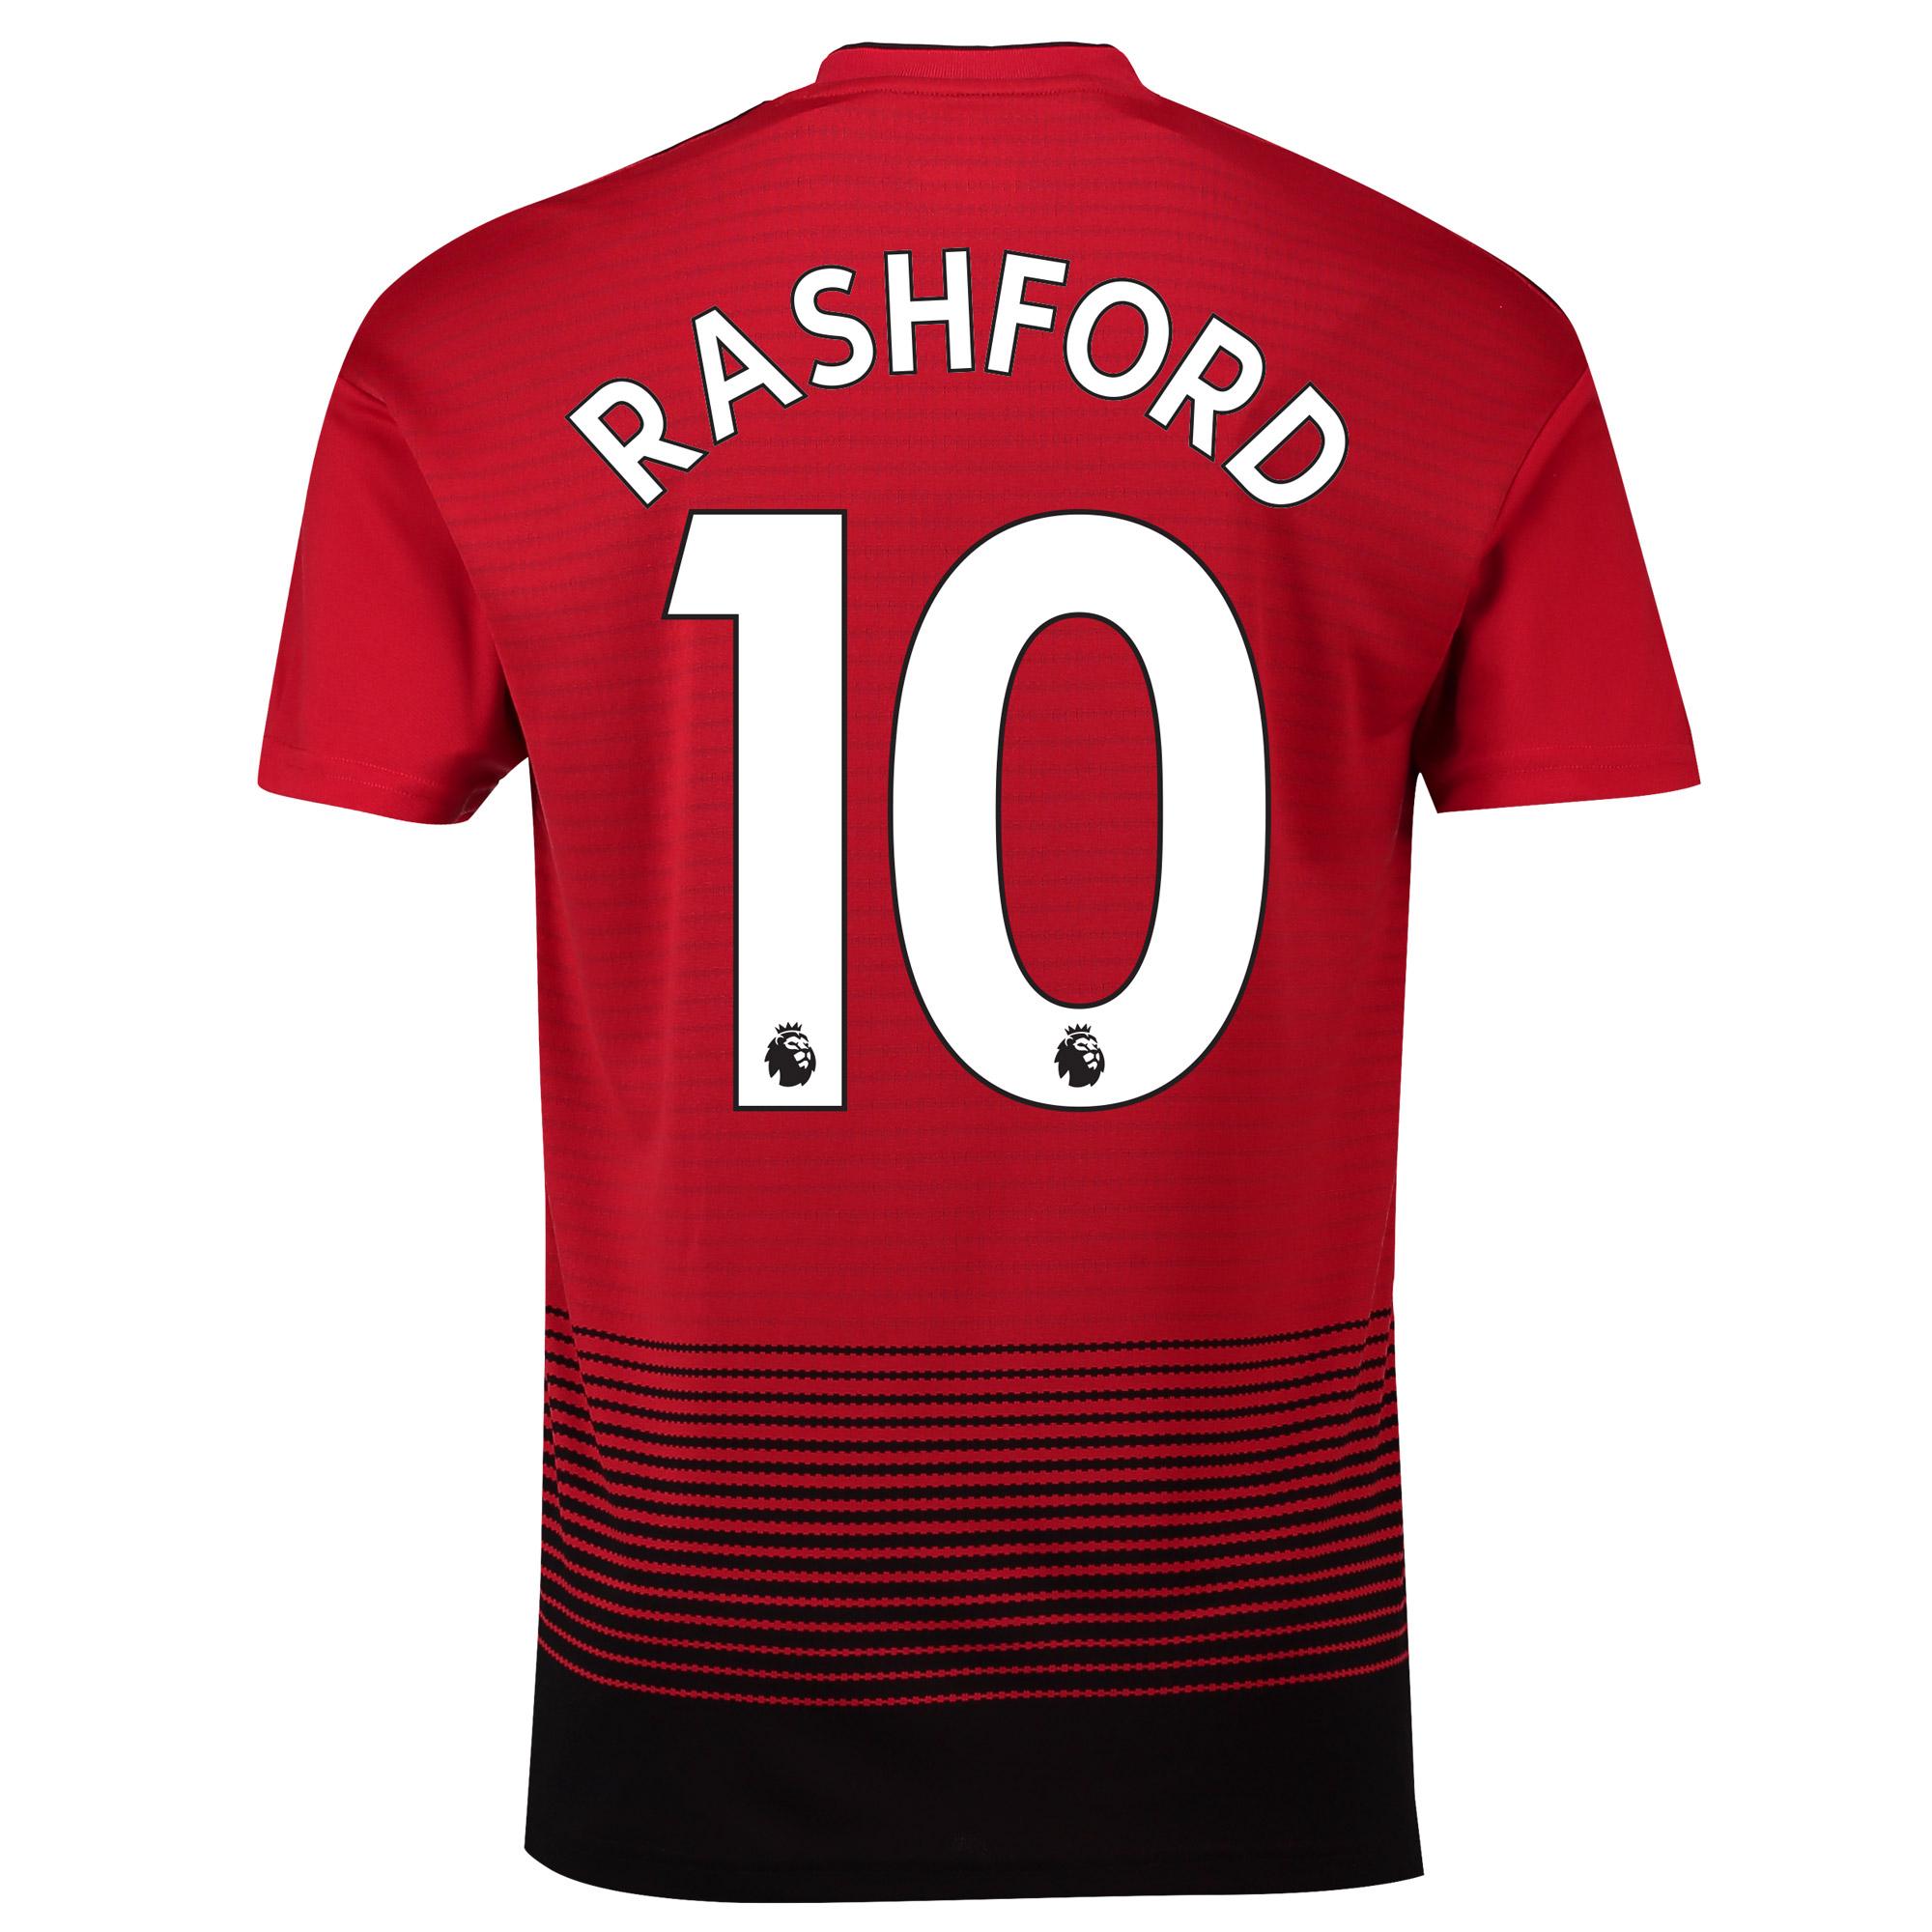 マンチェスター ユナイテッド ホーム シャツ 2018-19 - Rashford 19 プリント